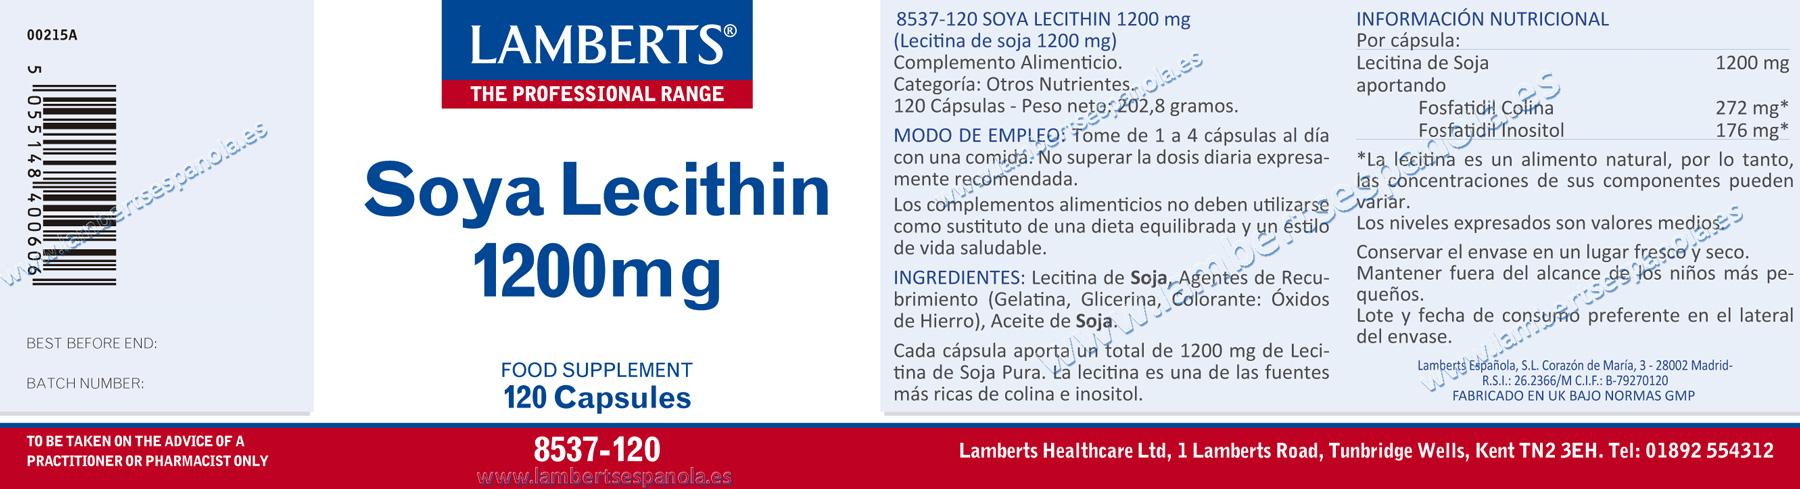 Etiqueta lecitina de soja lamberts